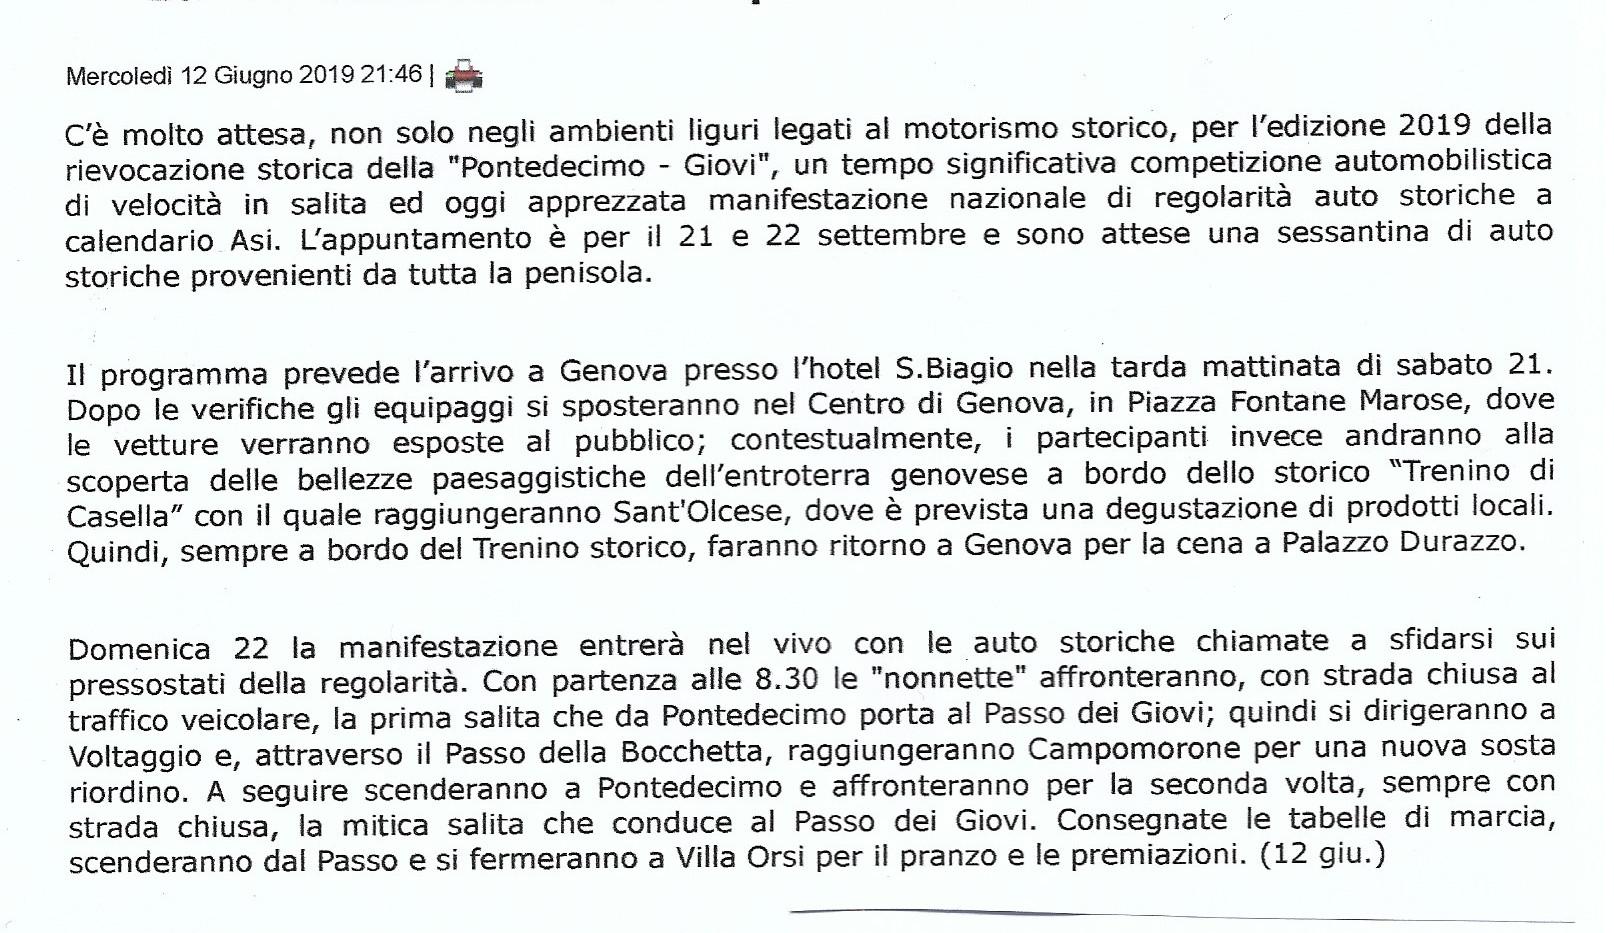 41 Liguriamotori.org 12 giugno.jpeg